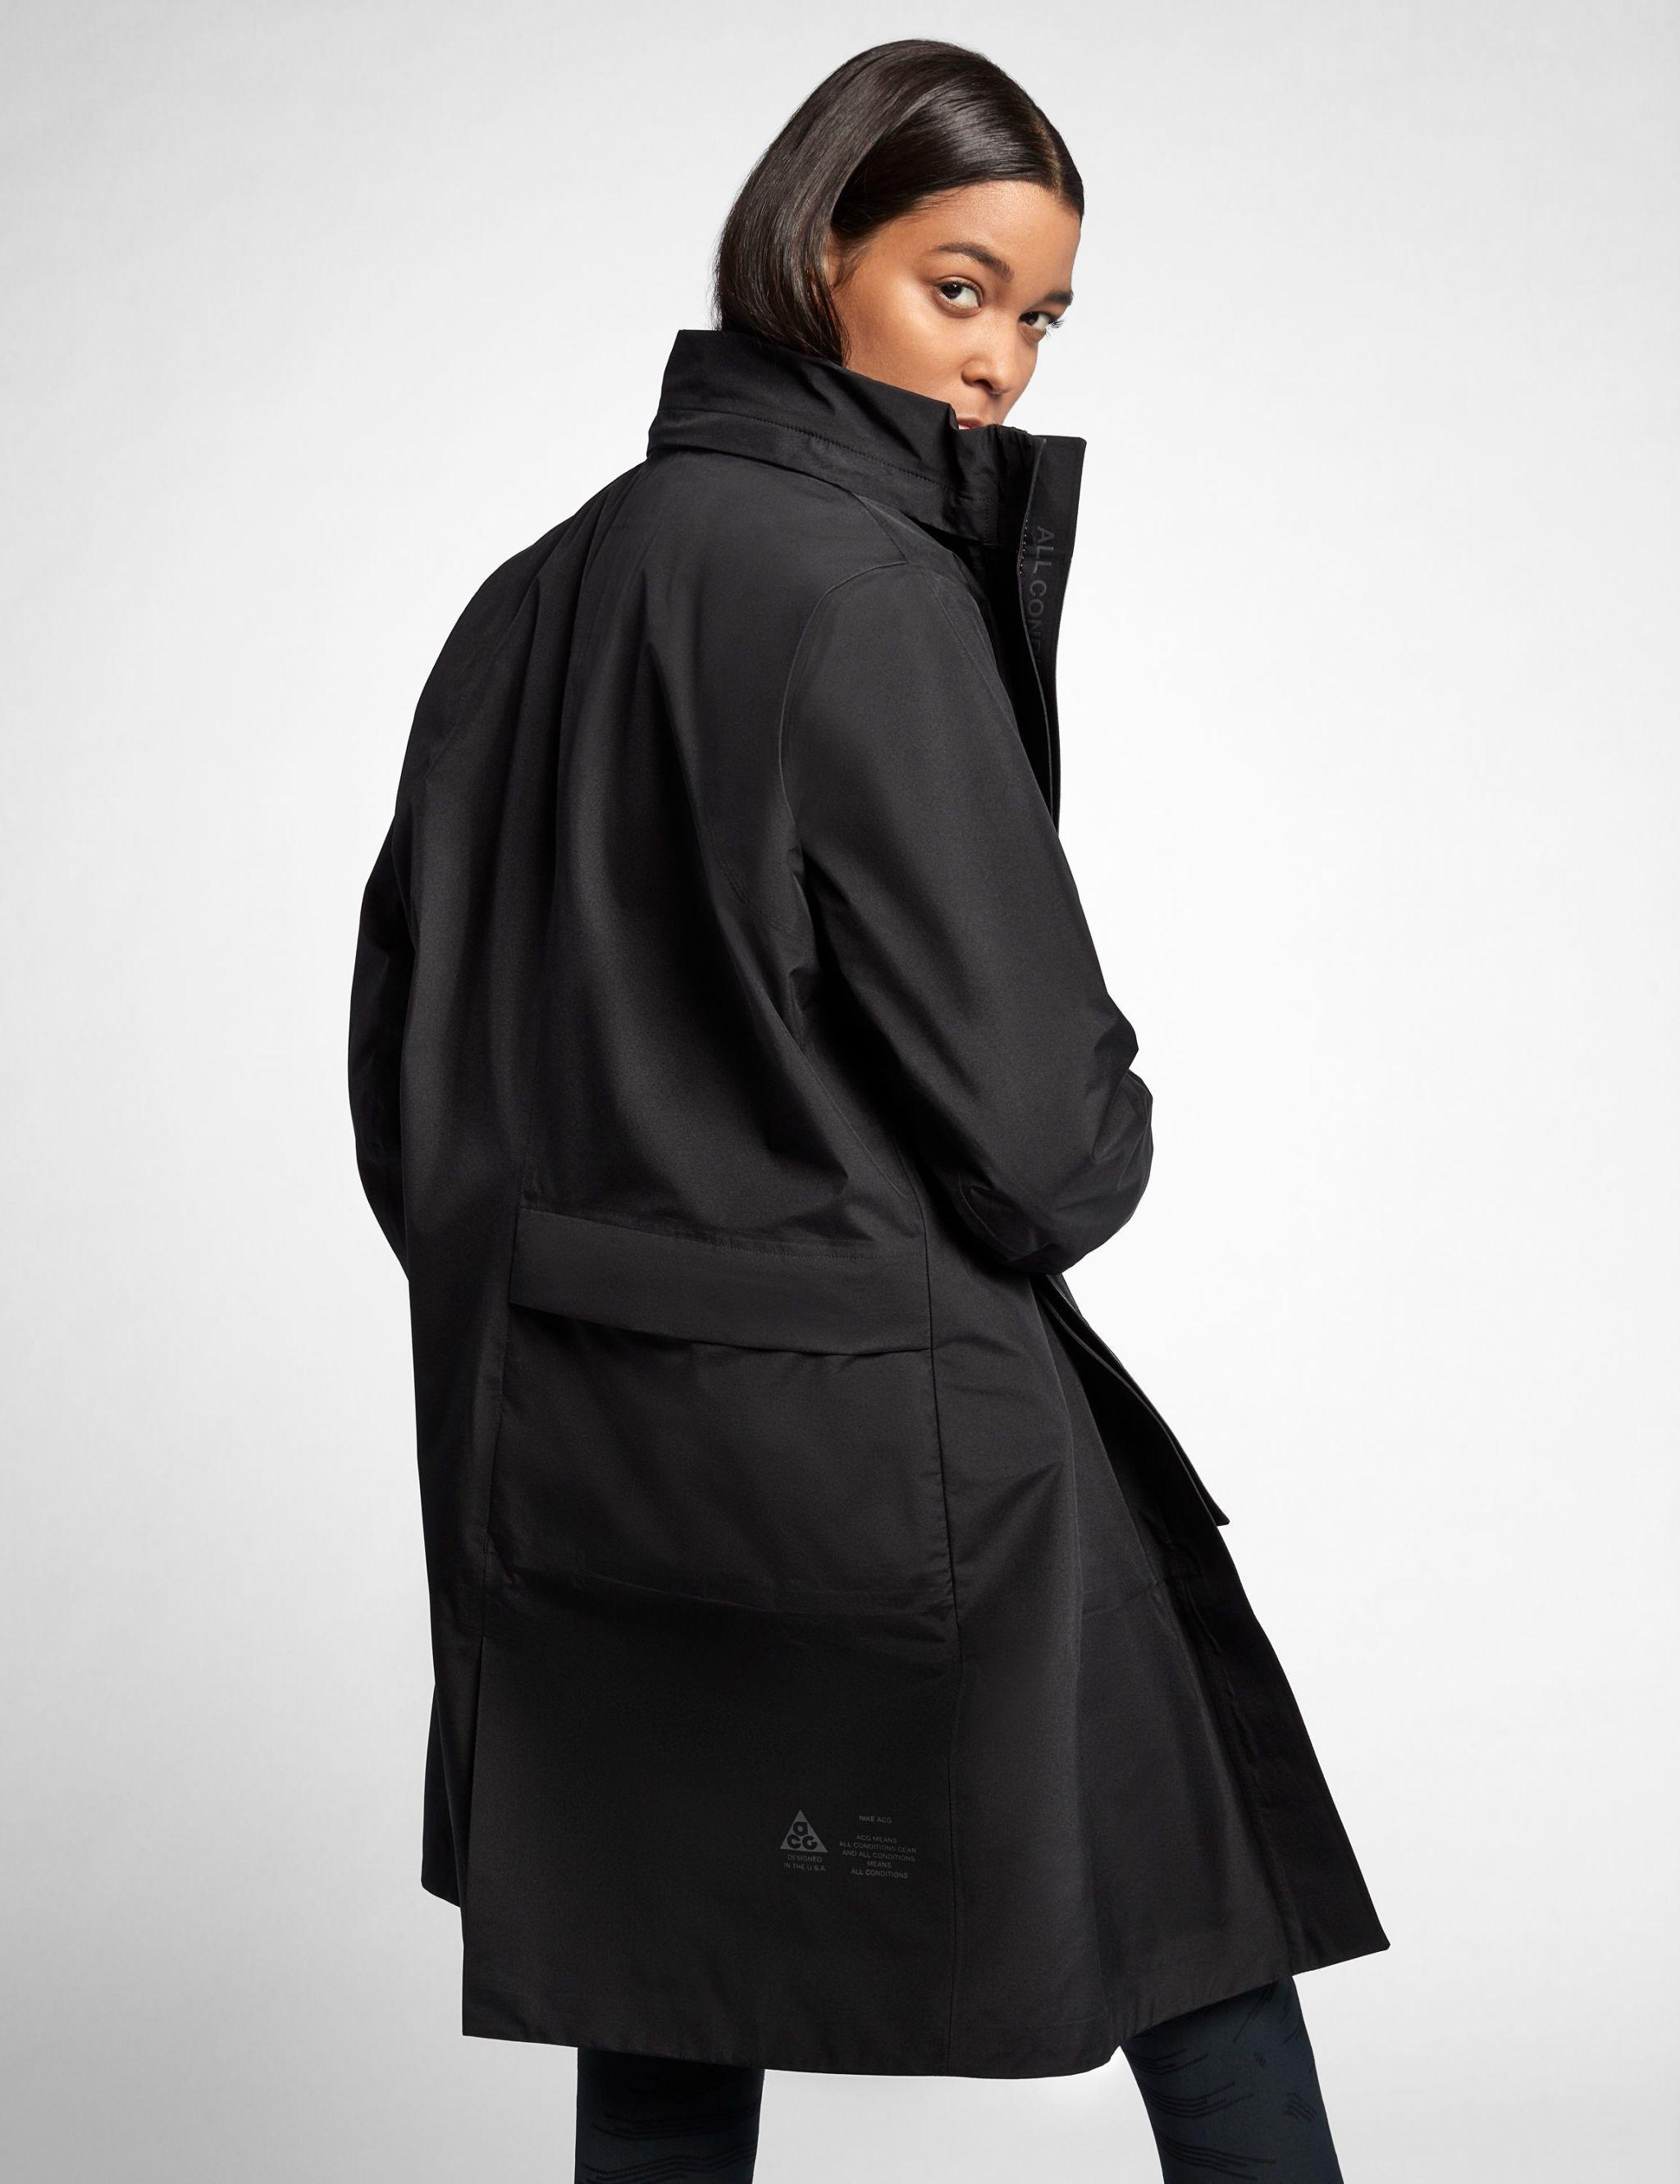 Nike Lanza Mujer Su Primera Colección Para La Mujer Lanza De Acg 8e2df8